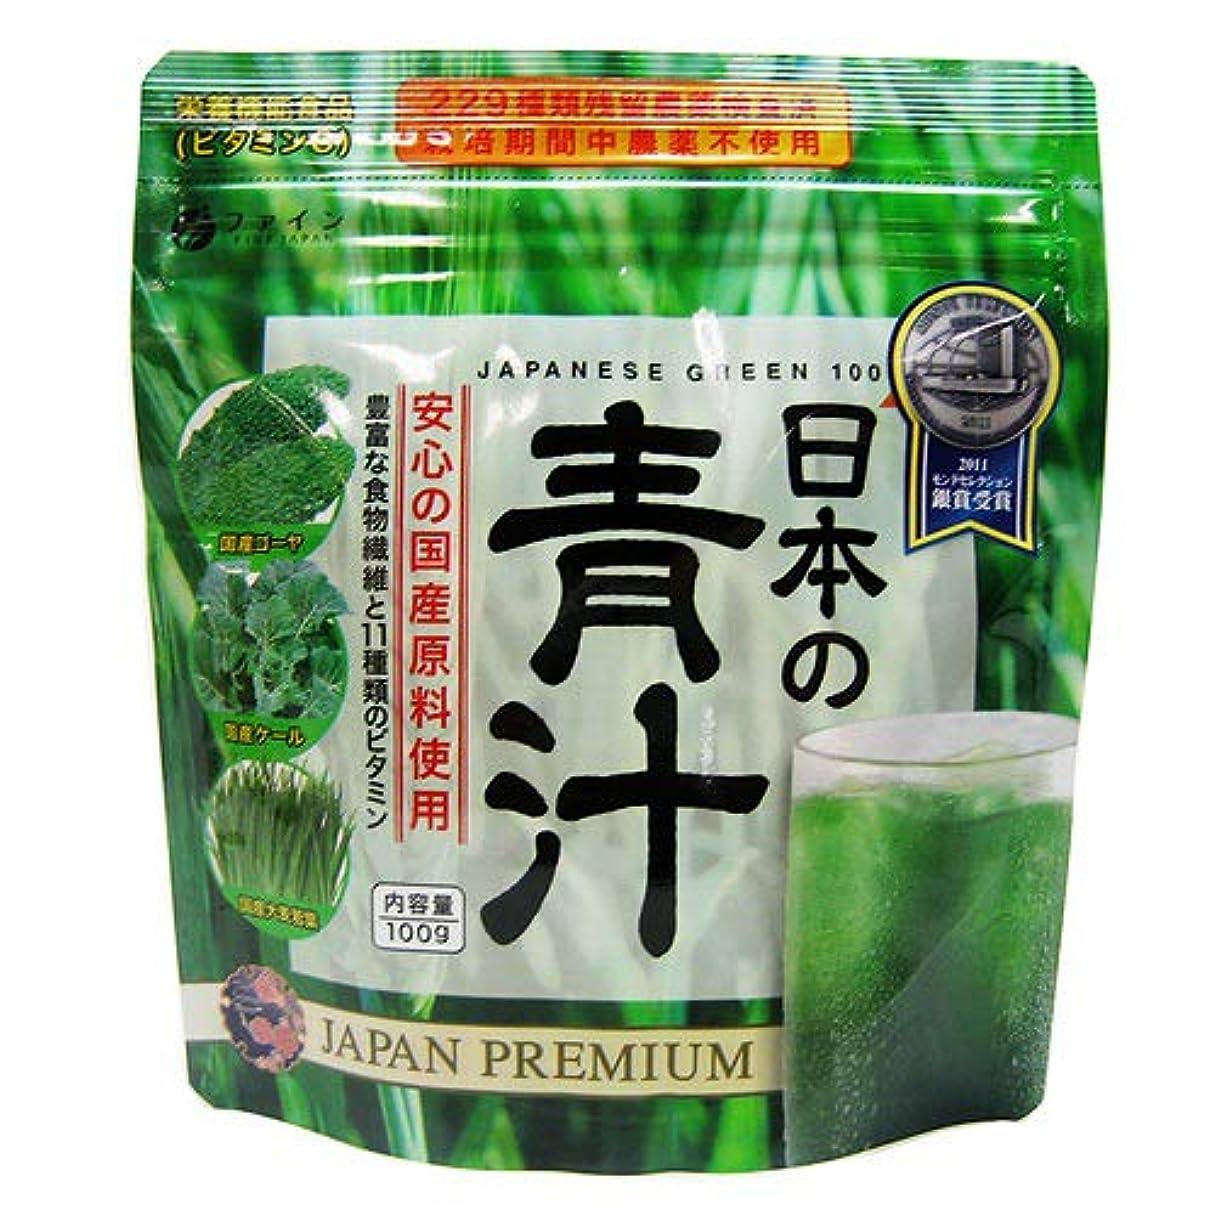 アライメントに対して熟すファイン 日本の青汁 【30袋組】